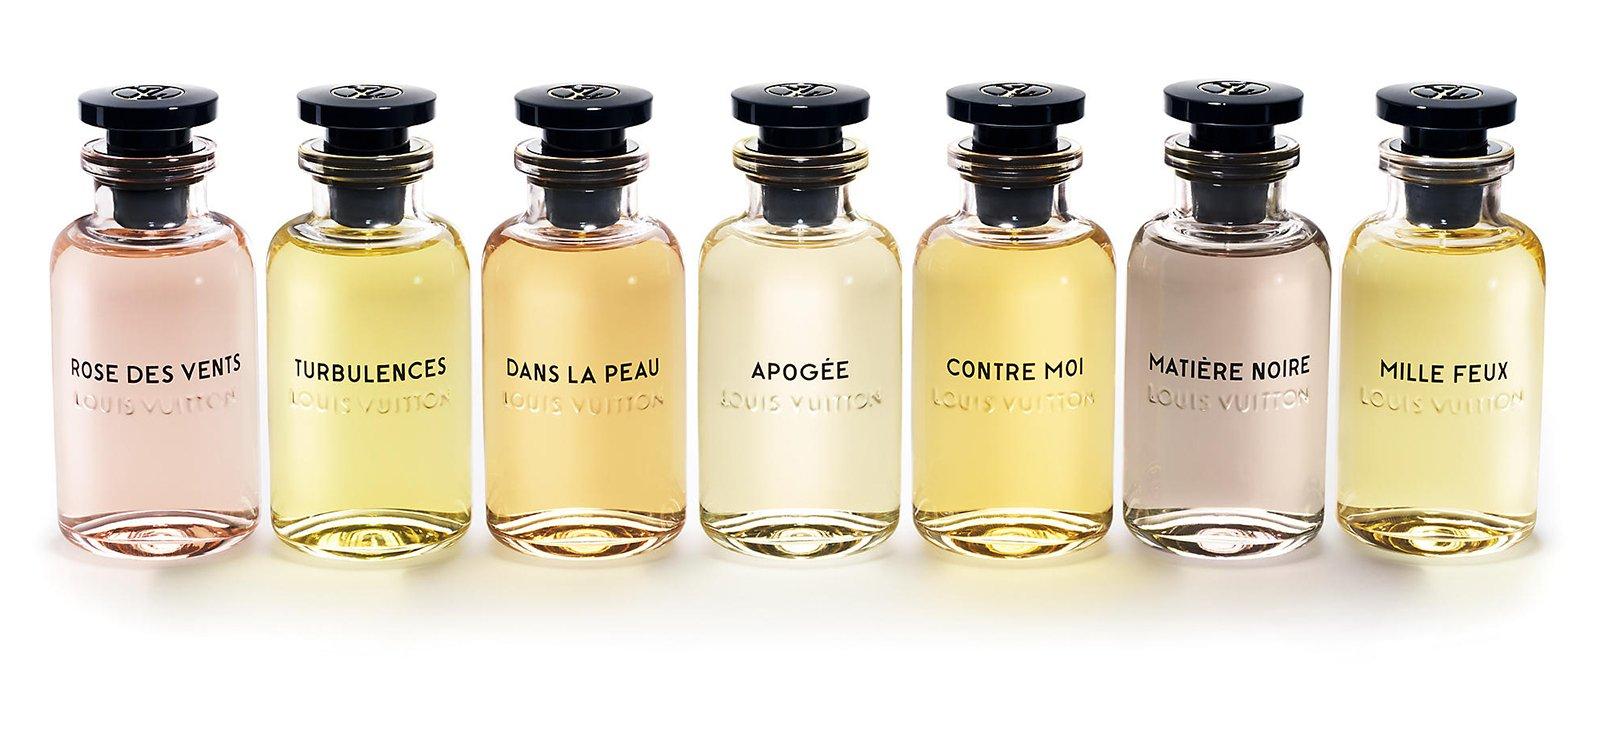 Les Parfums de Louis Vuitton, una colección de siete fragancias que son una oda a la feminidad